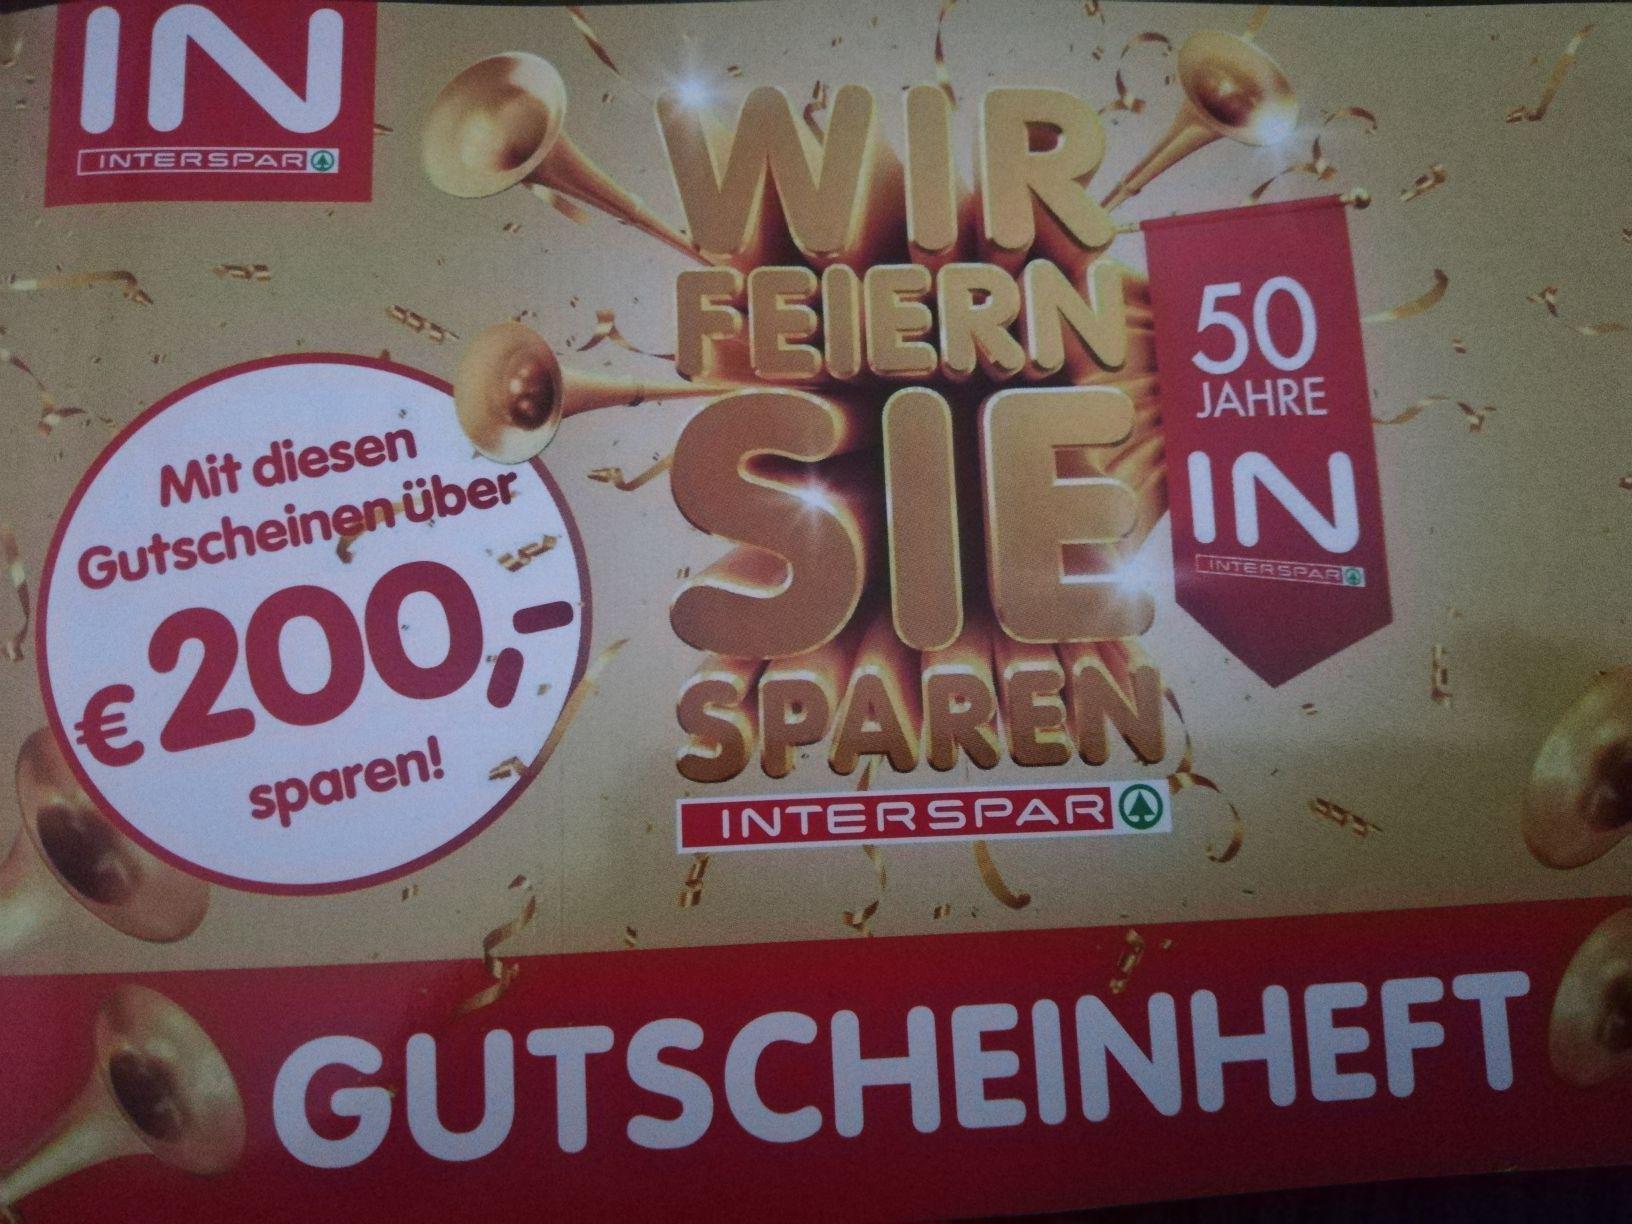 INTERSPAR GutscheinHeft ab 30.1.